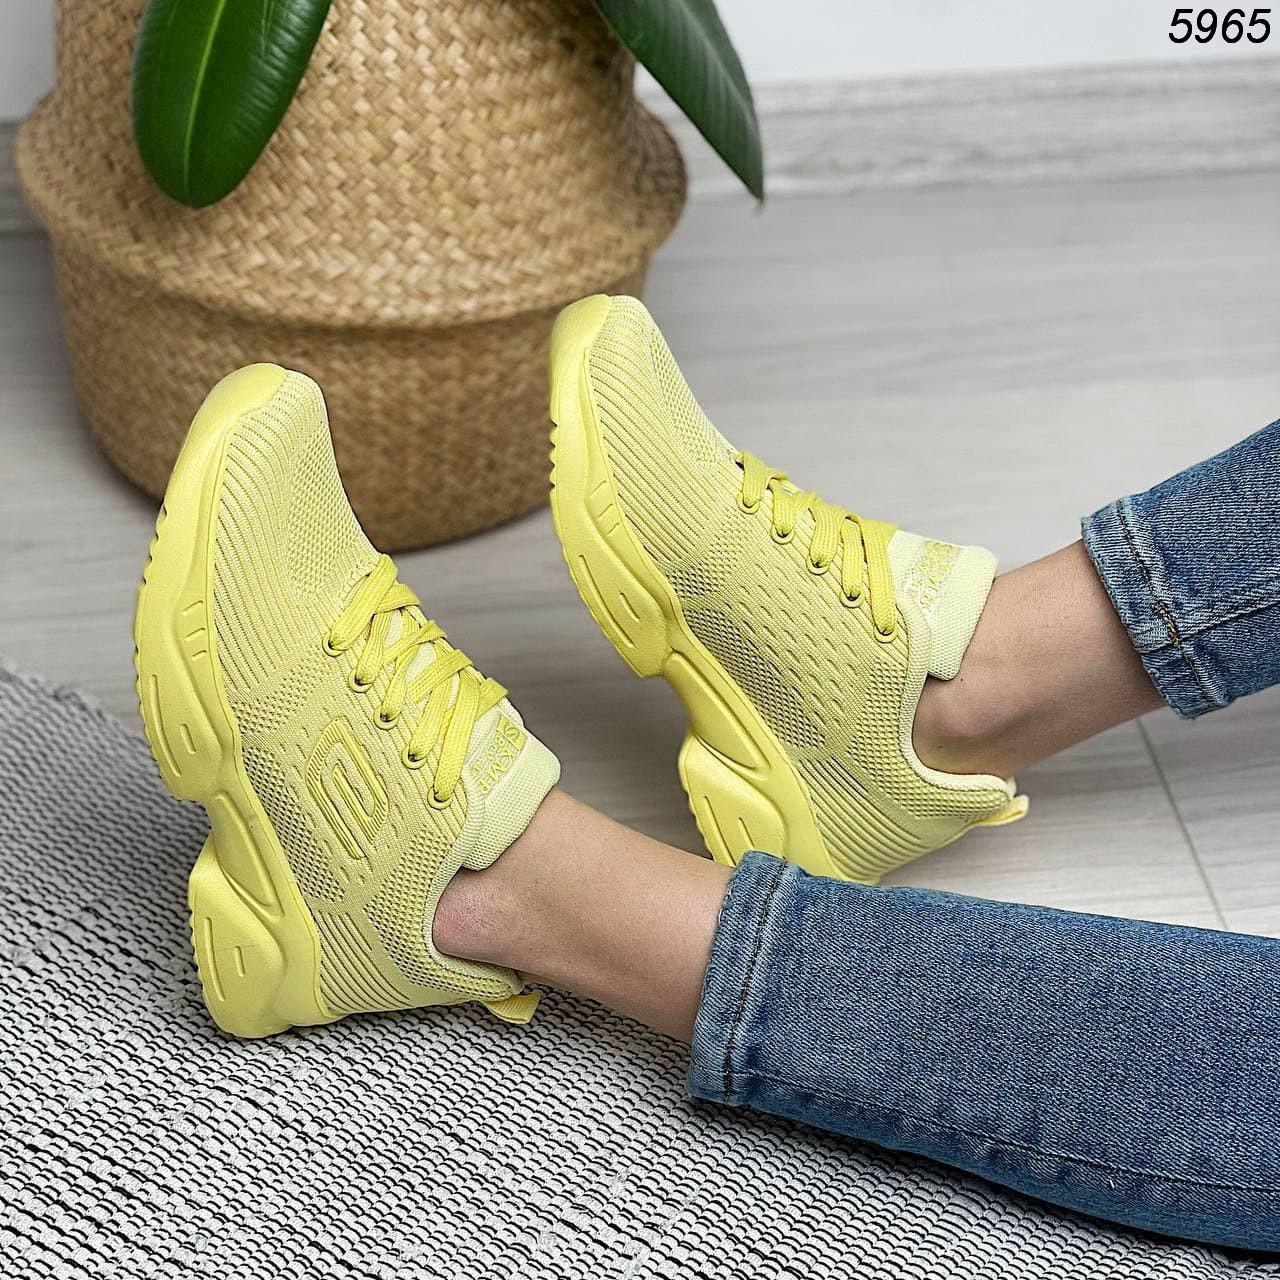 Желтые кроссовки женские 5965 (ВБ)